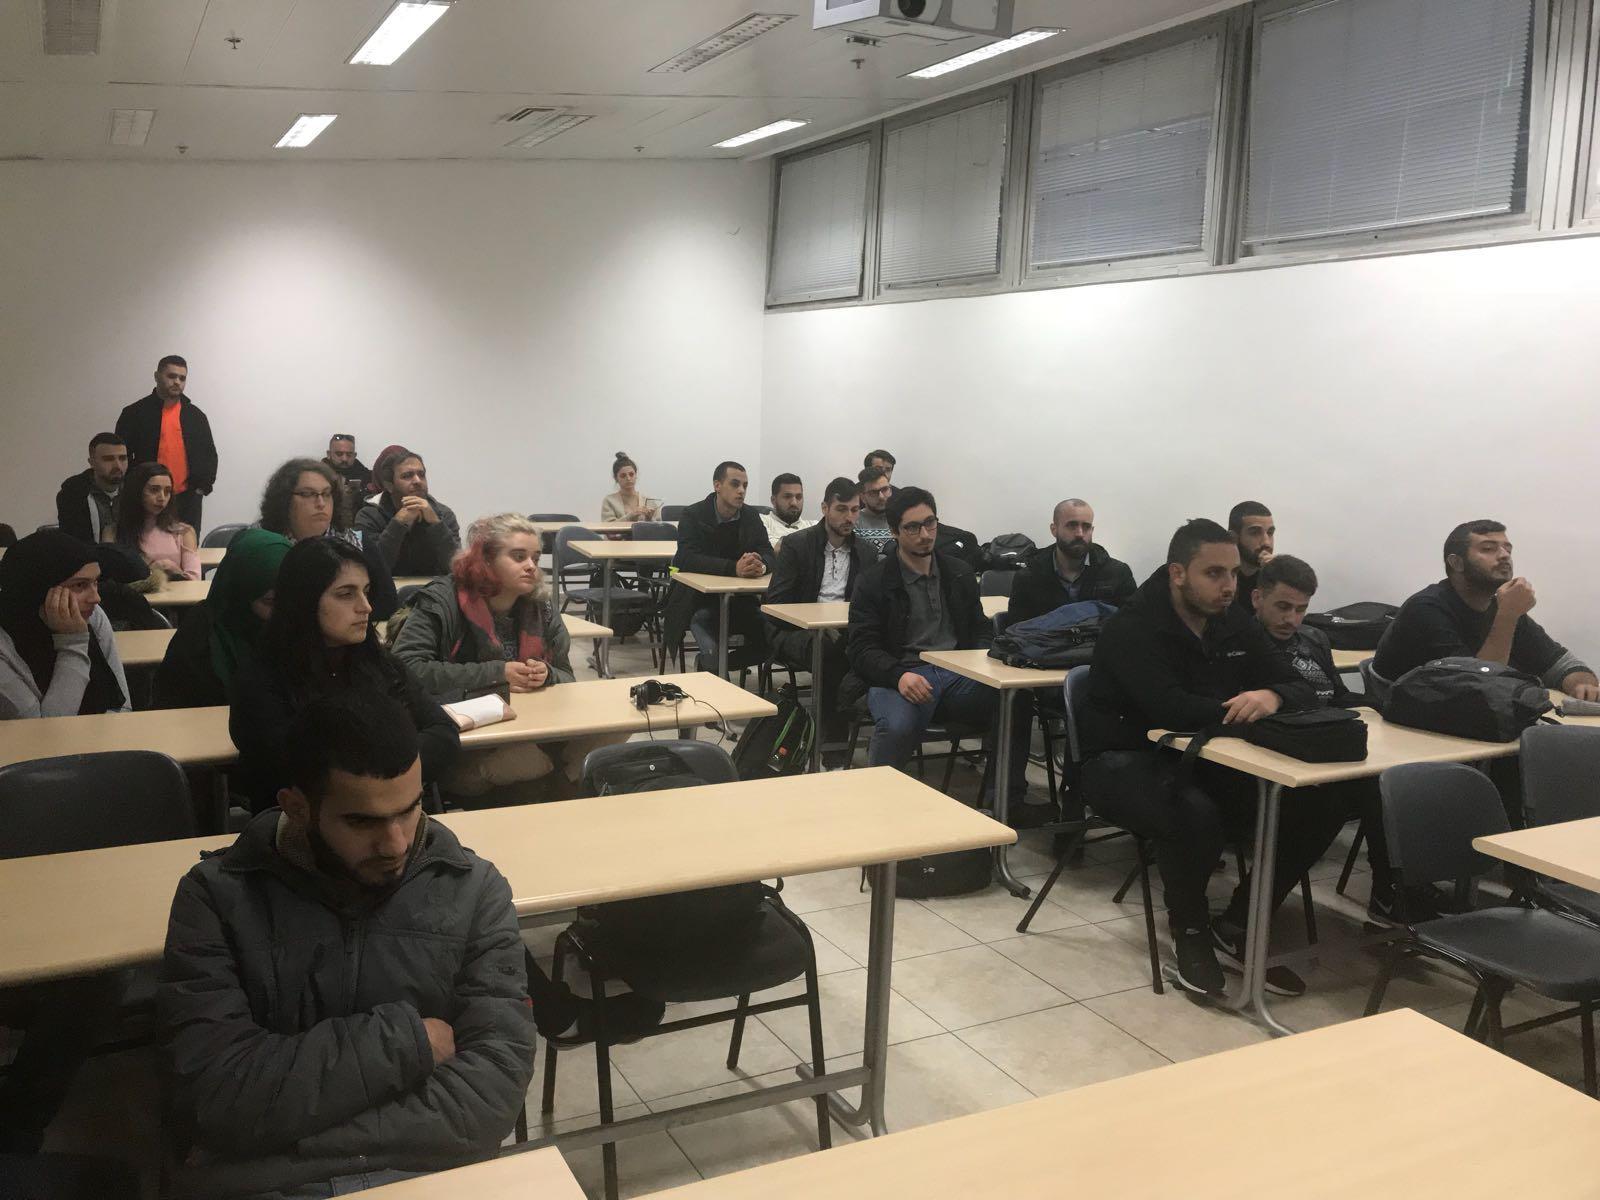 التجمع الطلابي في جامعة حيفا ينظم ندوة عن الانتفاضة